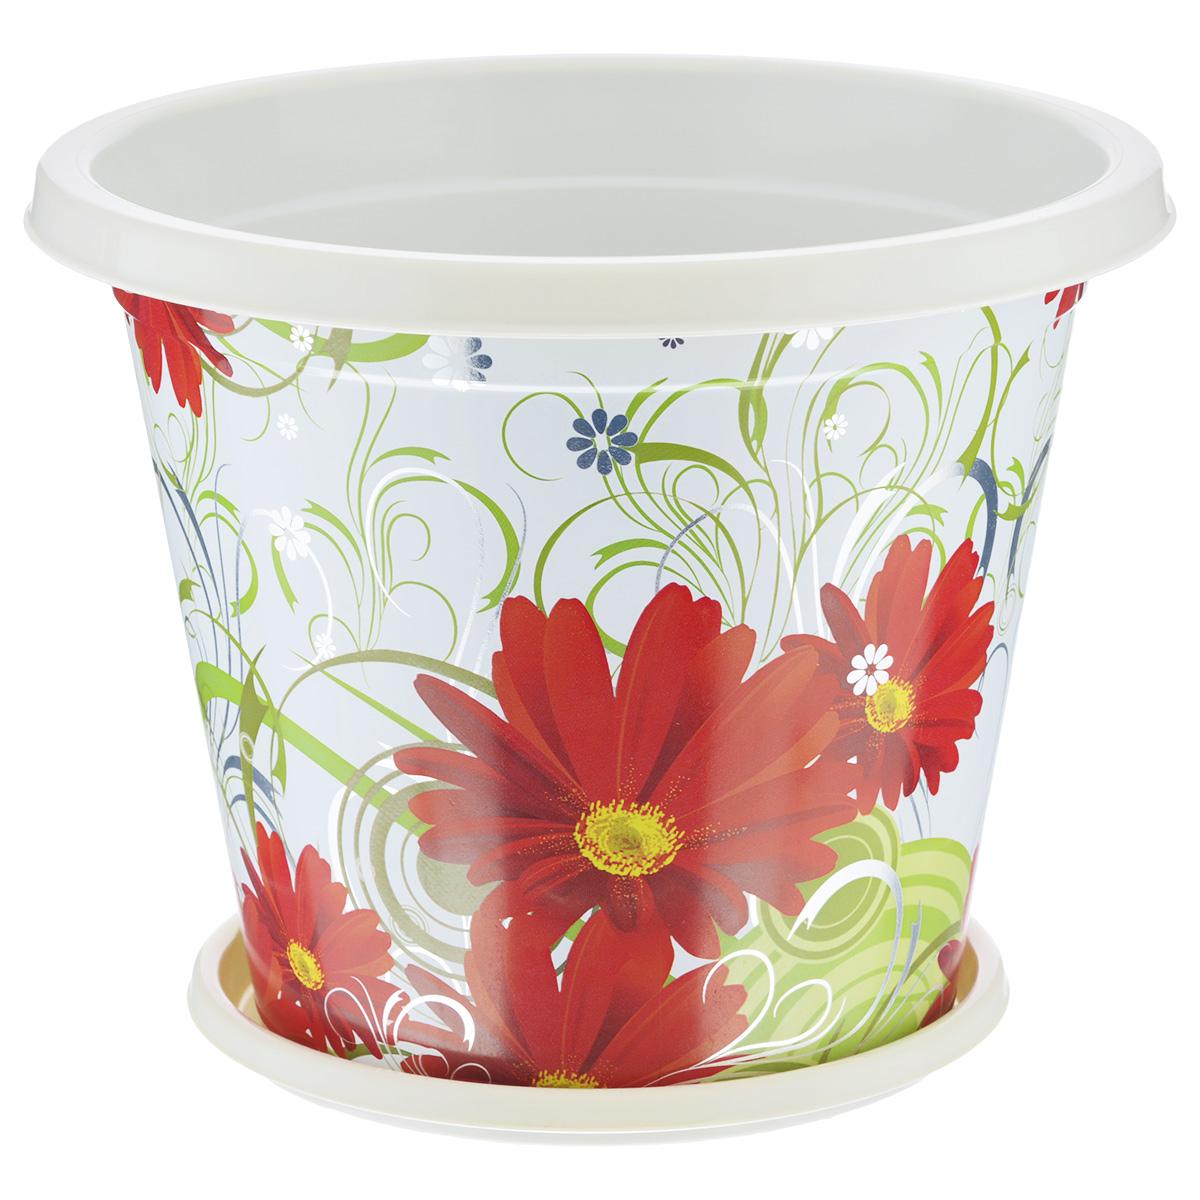 Горшок-кашпо Альтернатива Сюзанна, с поддоном, цвет: белый, красный, 1 лМ4047Горшок-кашпо Альтернатива Сюзанна изготовлен из прочного пластика и оформлен красивым цветочным рисунком. Круглый поддон предназначен для стока воды. Изделие подходит для выращивания растений и цветов в домашних условиях. Такой горшок порадует вас изысканным дизайном и функциональностью, а также оригинально украсит интерьер помещения. Диаметр горшка по верхнему краю: 15 см. Высота горшка: 12 см. Диаметр поддона: 11,5 см. Объем горшка: 1 л.